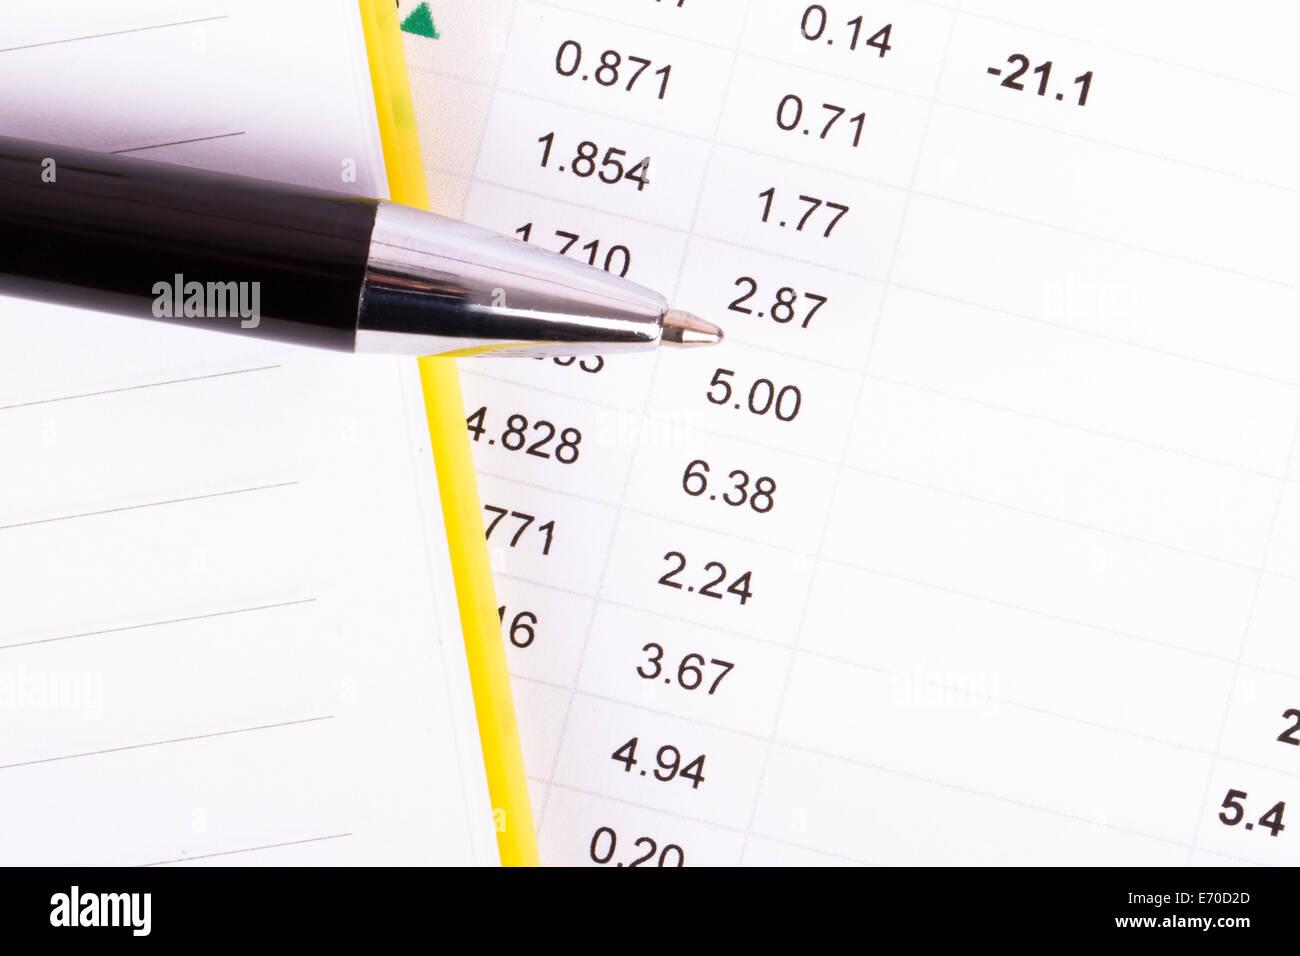 Finanzdaten Analyse mit Notizbuch und Stift, Ansicht von oben. Stockbild